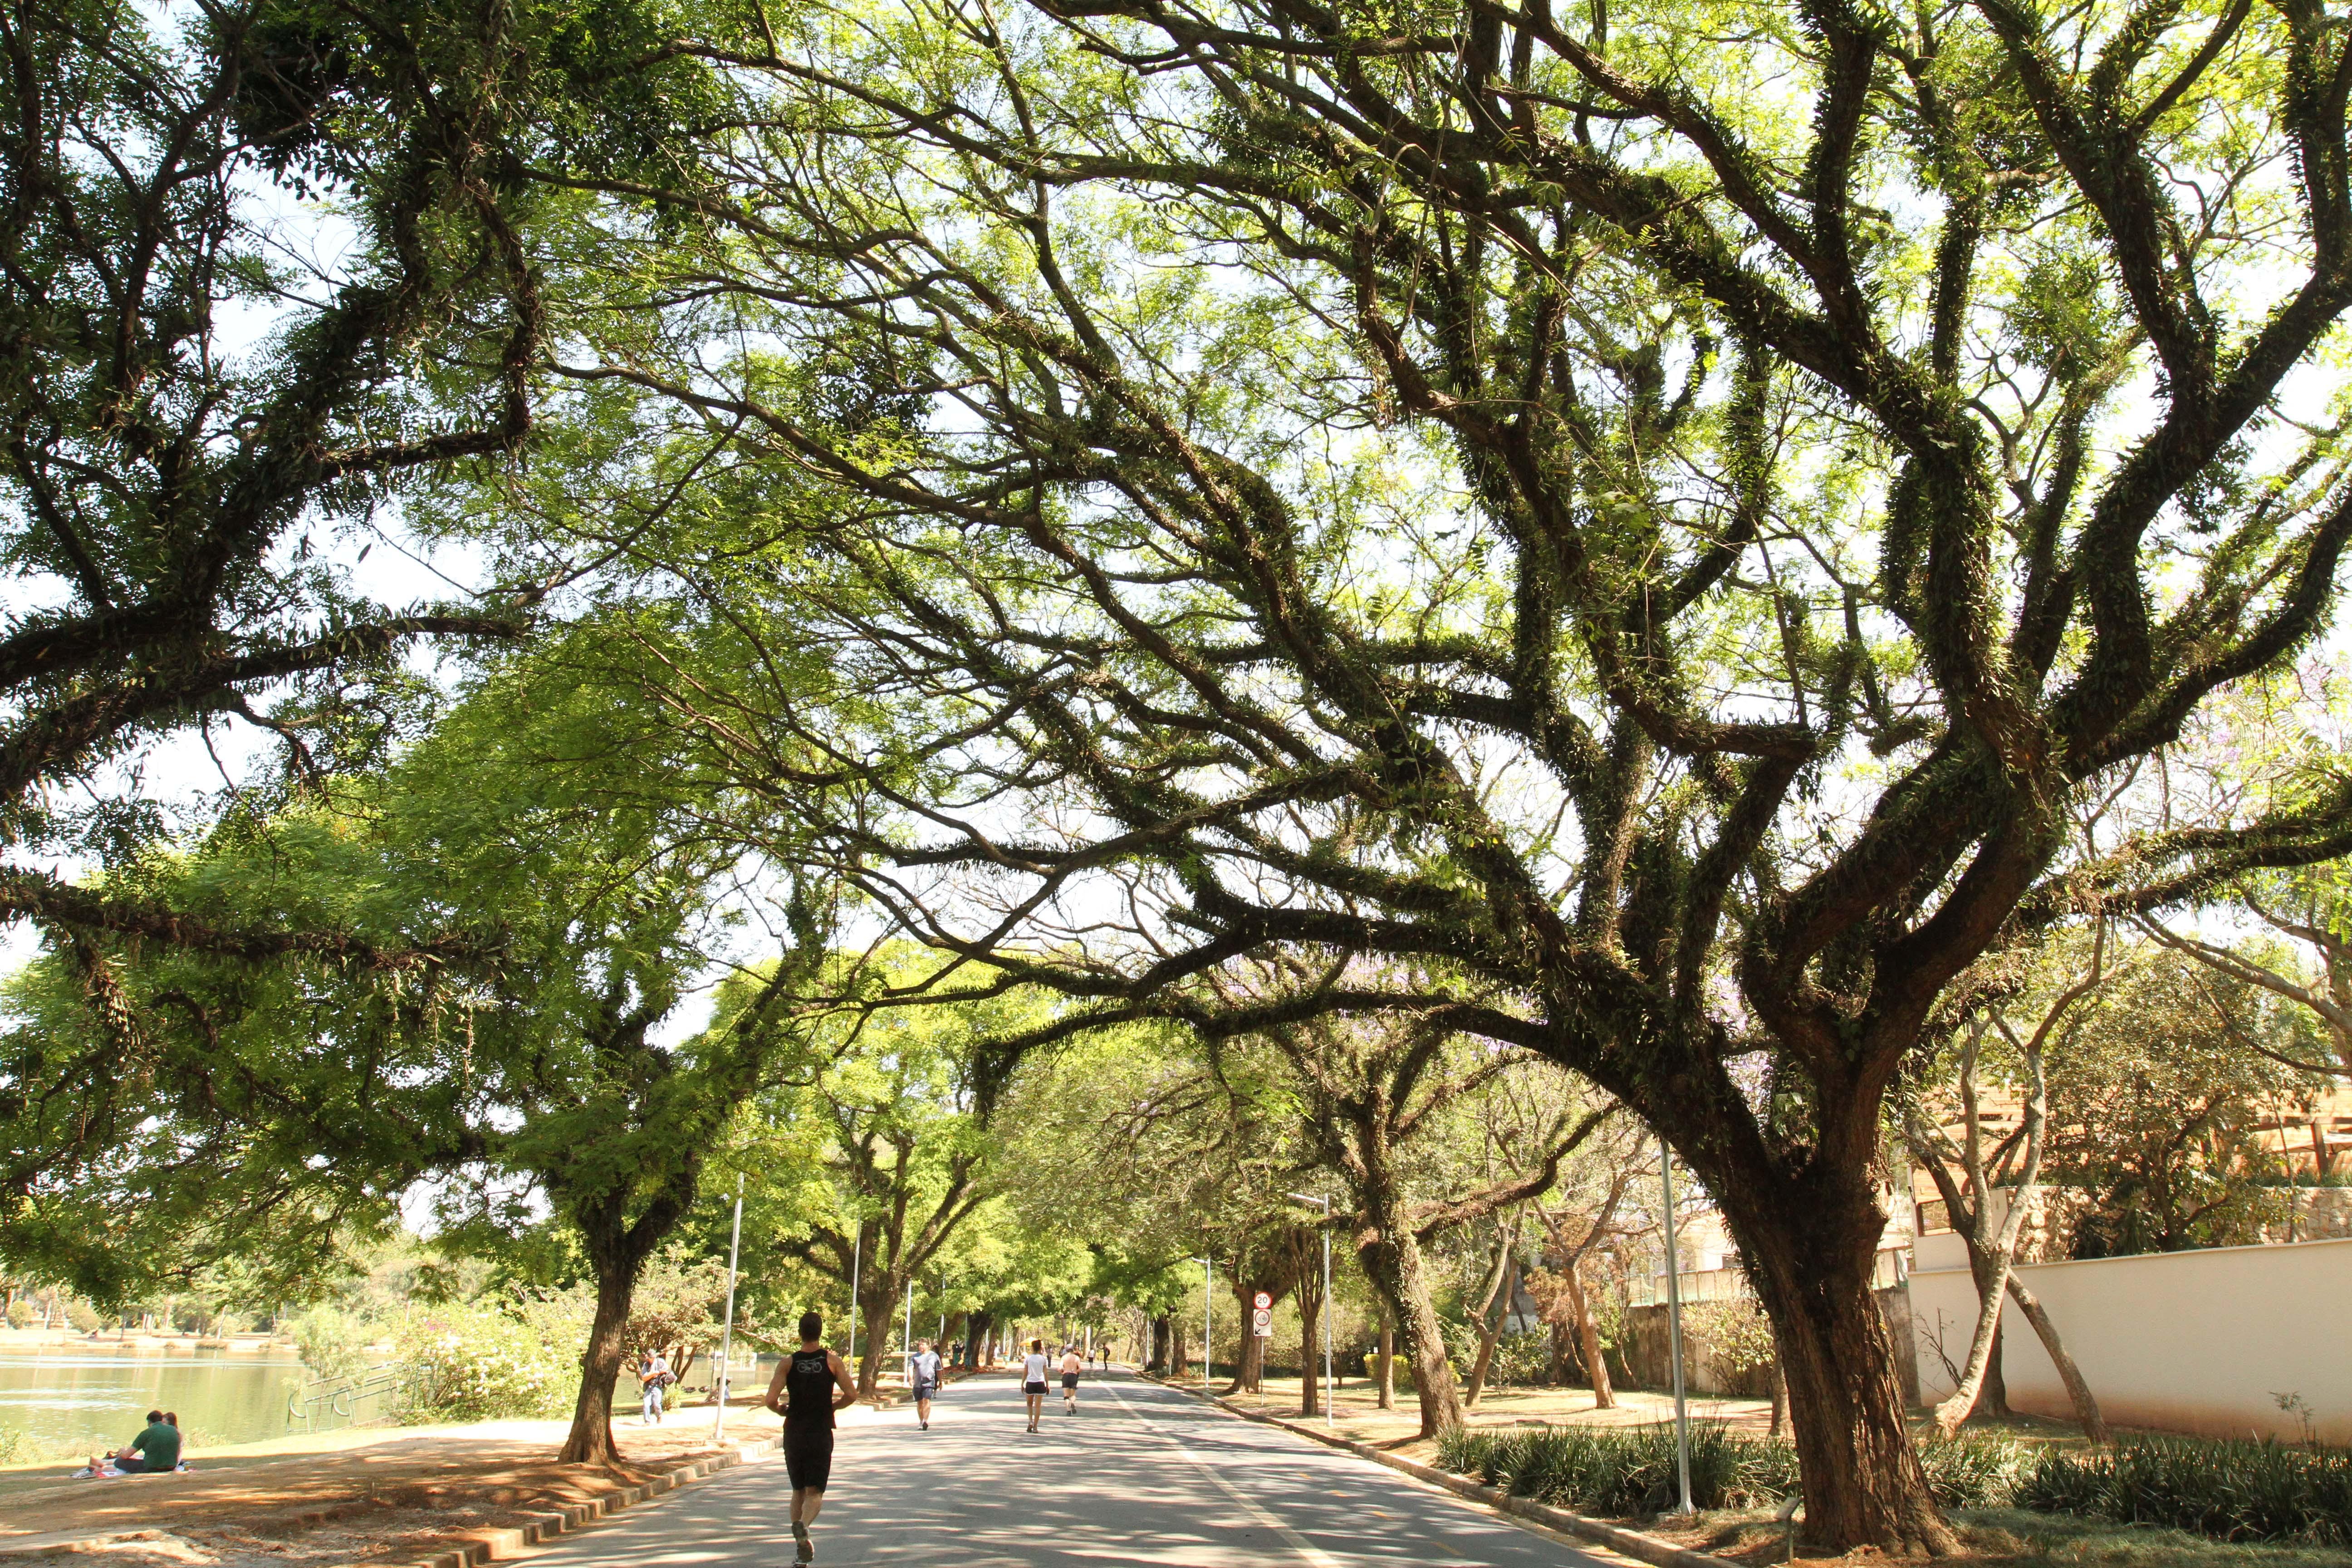 IBIRAPUERA – SÃO PAULO (SP) – 01.06.2011 – VISTA AÉREA DO PARQUE IBIRAPUERA - AV PEDRO ÁLVARES CABRAL, S/N (PORTÕES 2, 3 E 10). FOTO: CAIO PIMENTA/SPTURIS